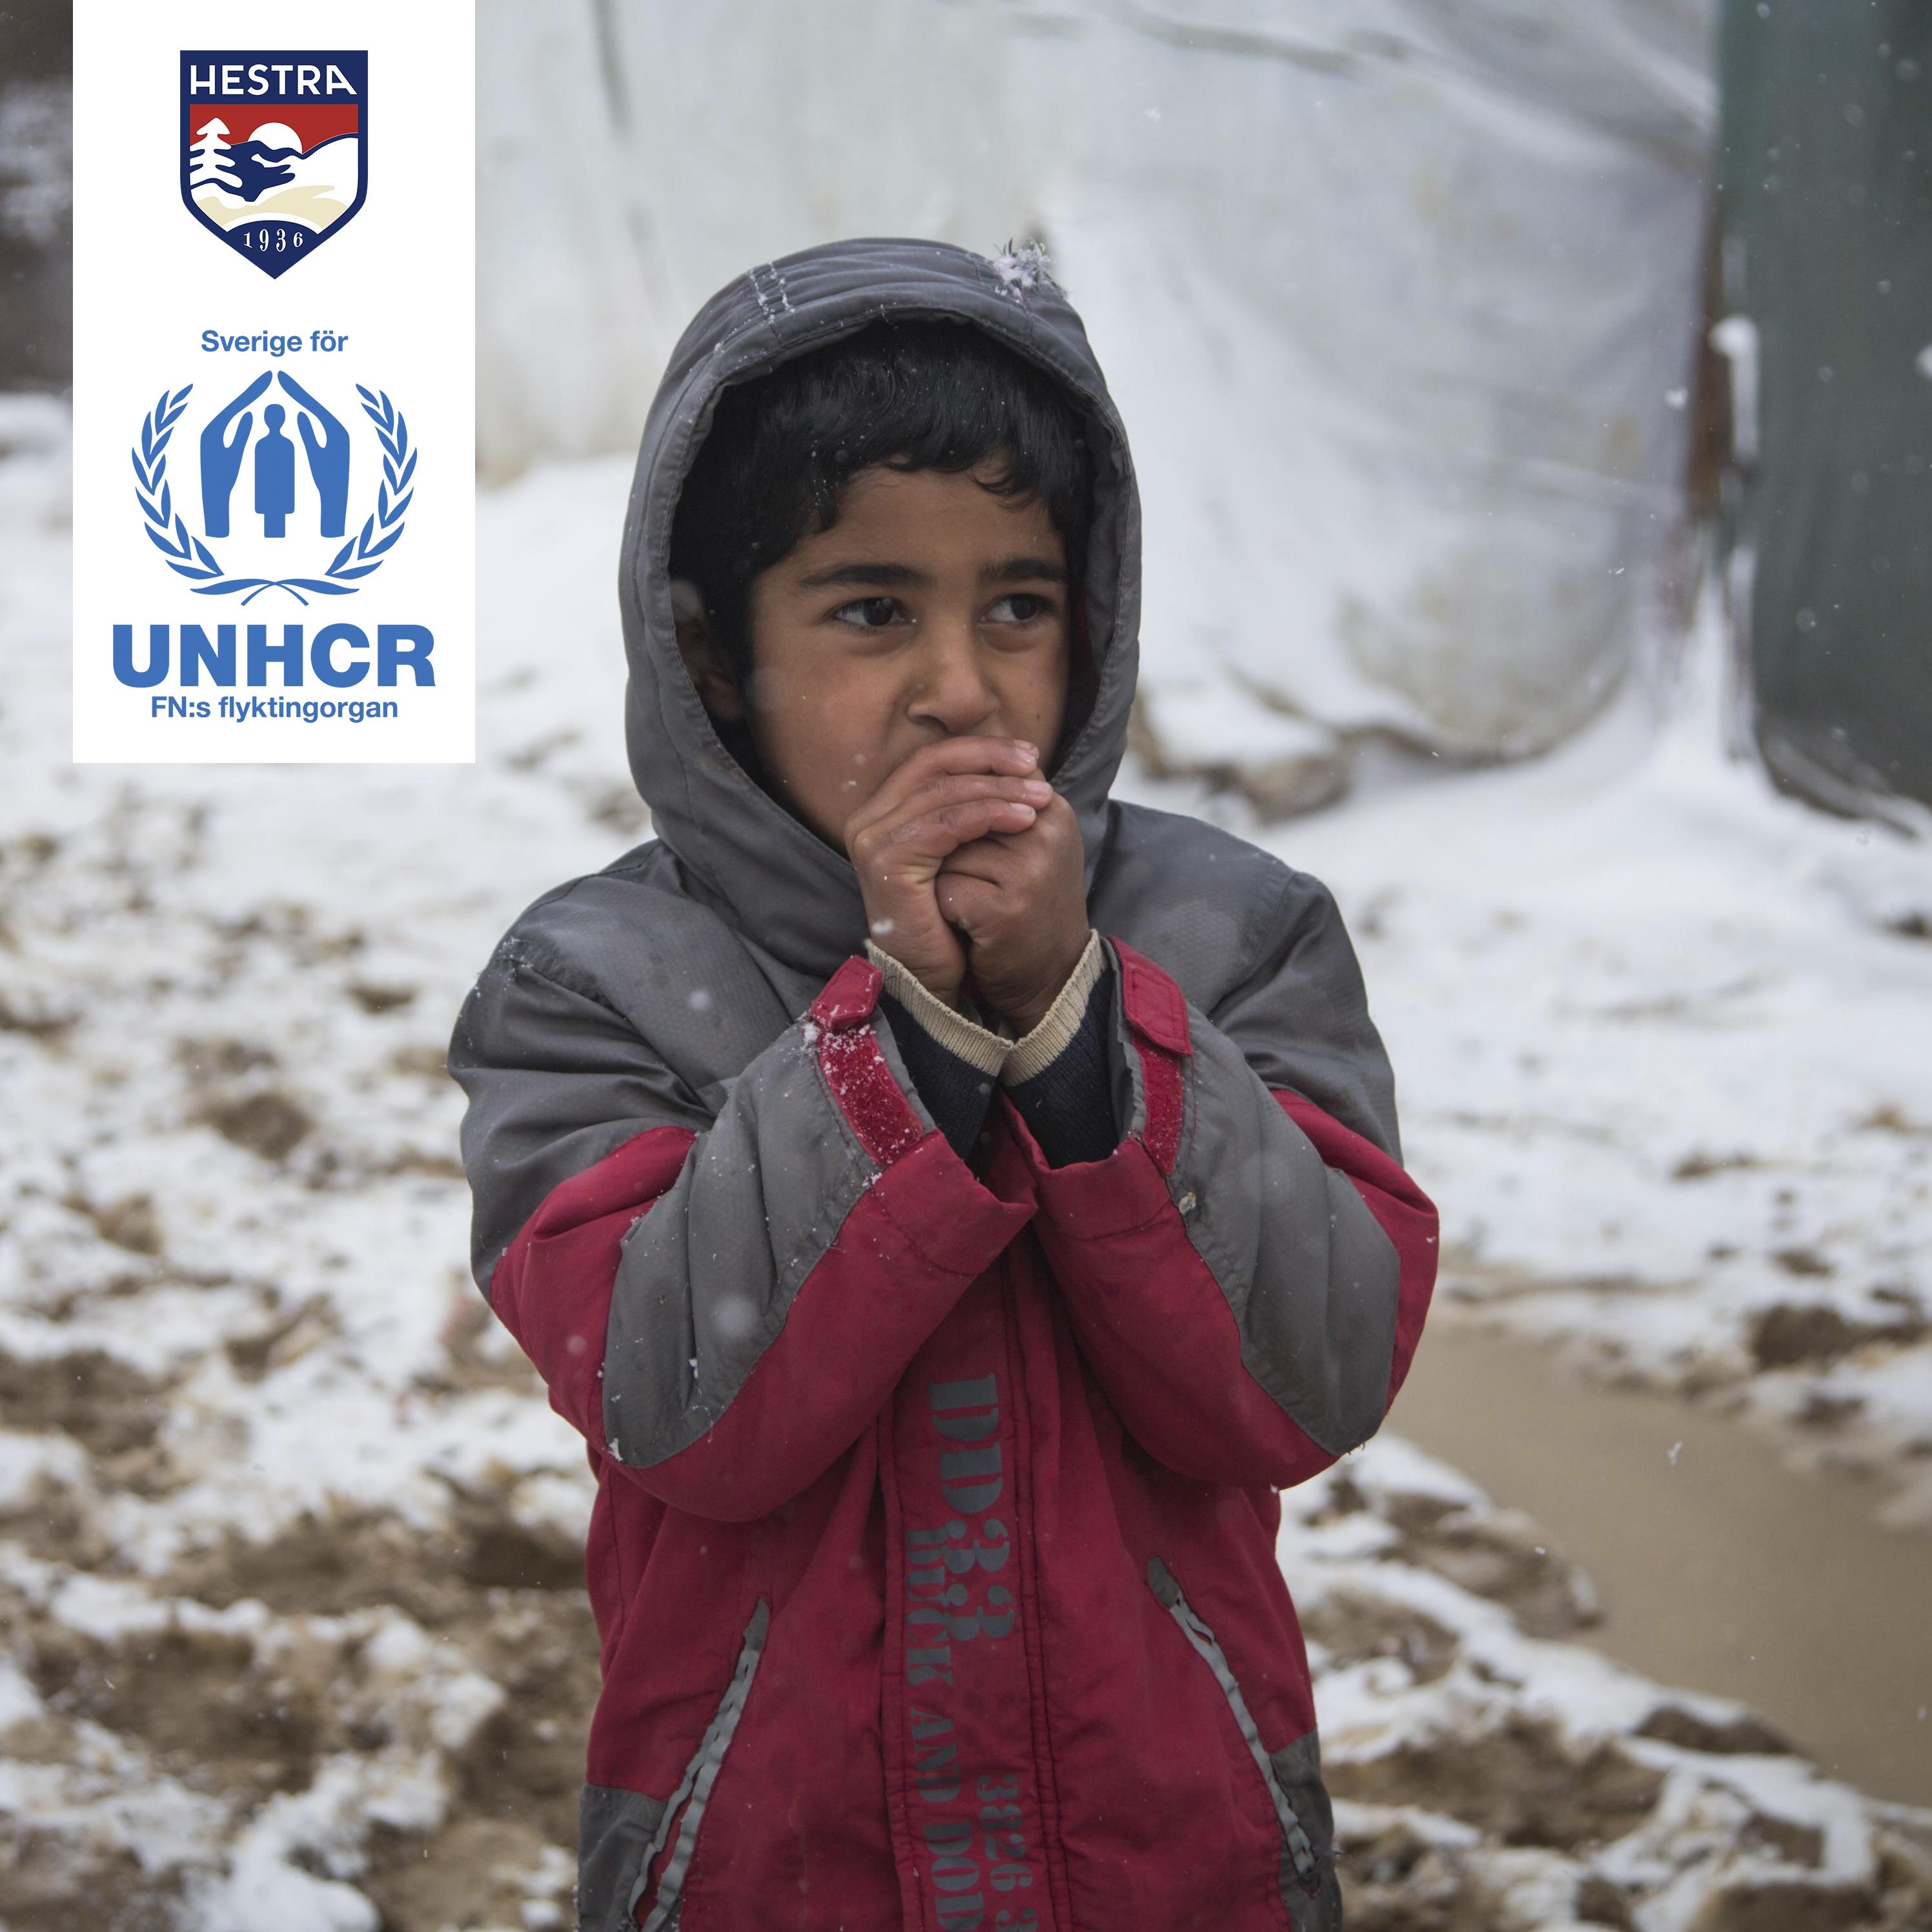 Hestra for UNHCR.